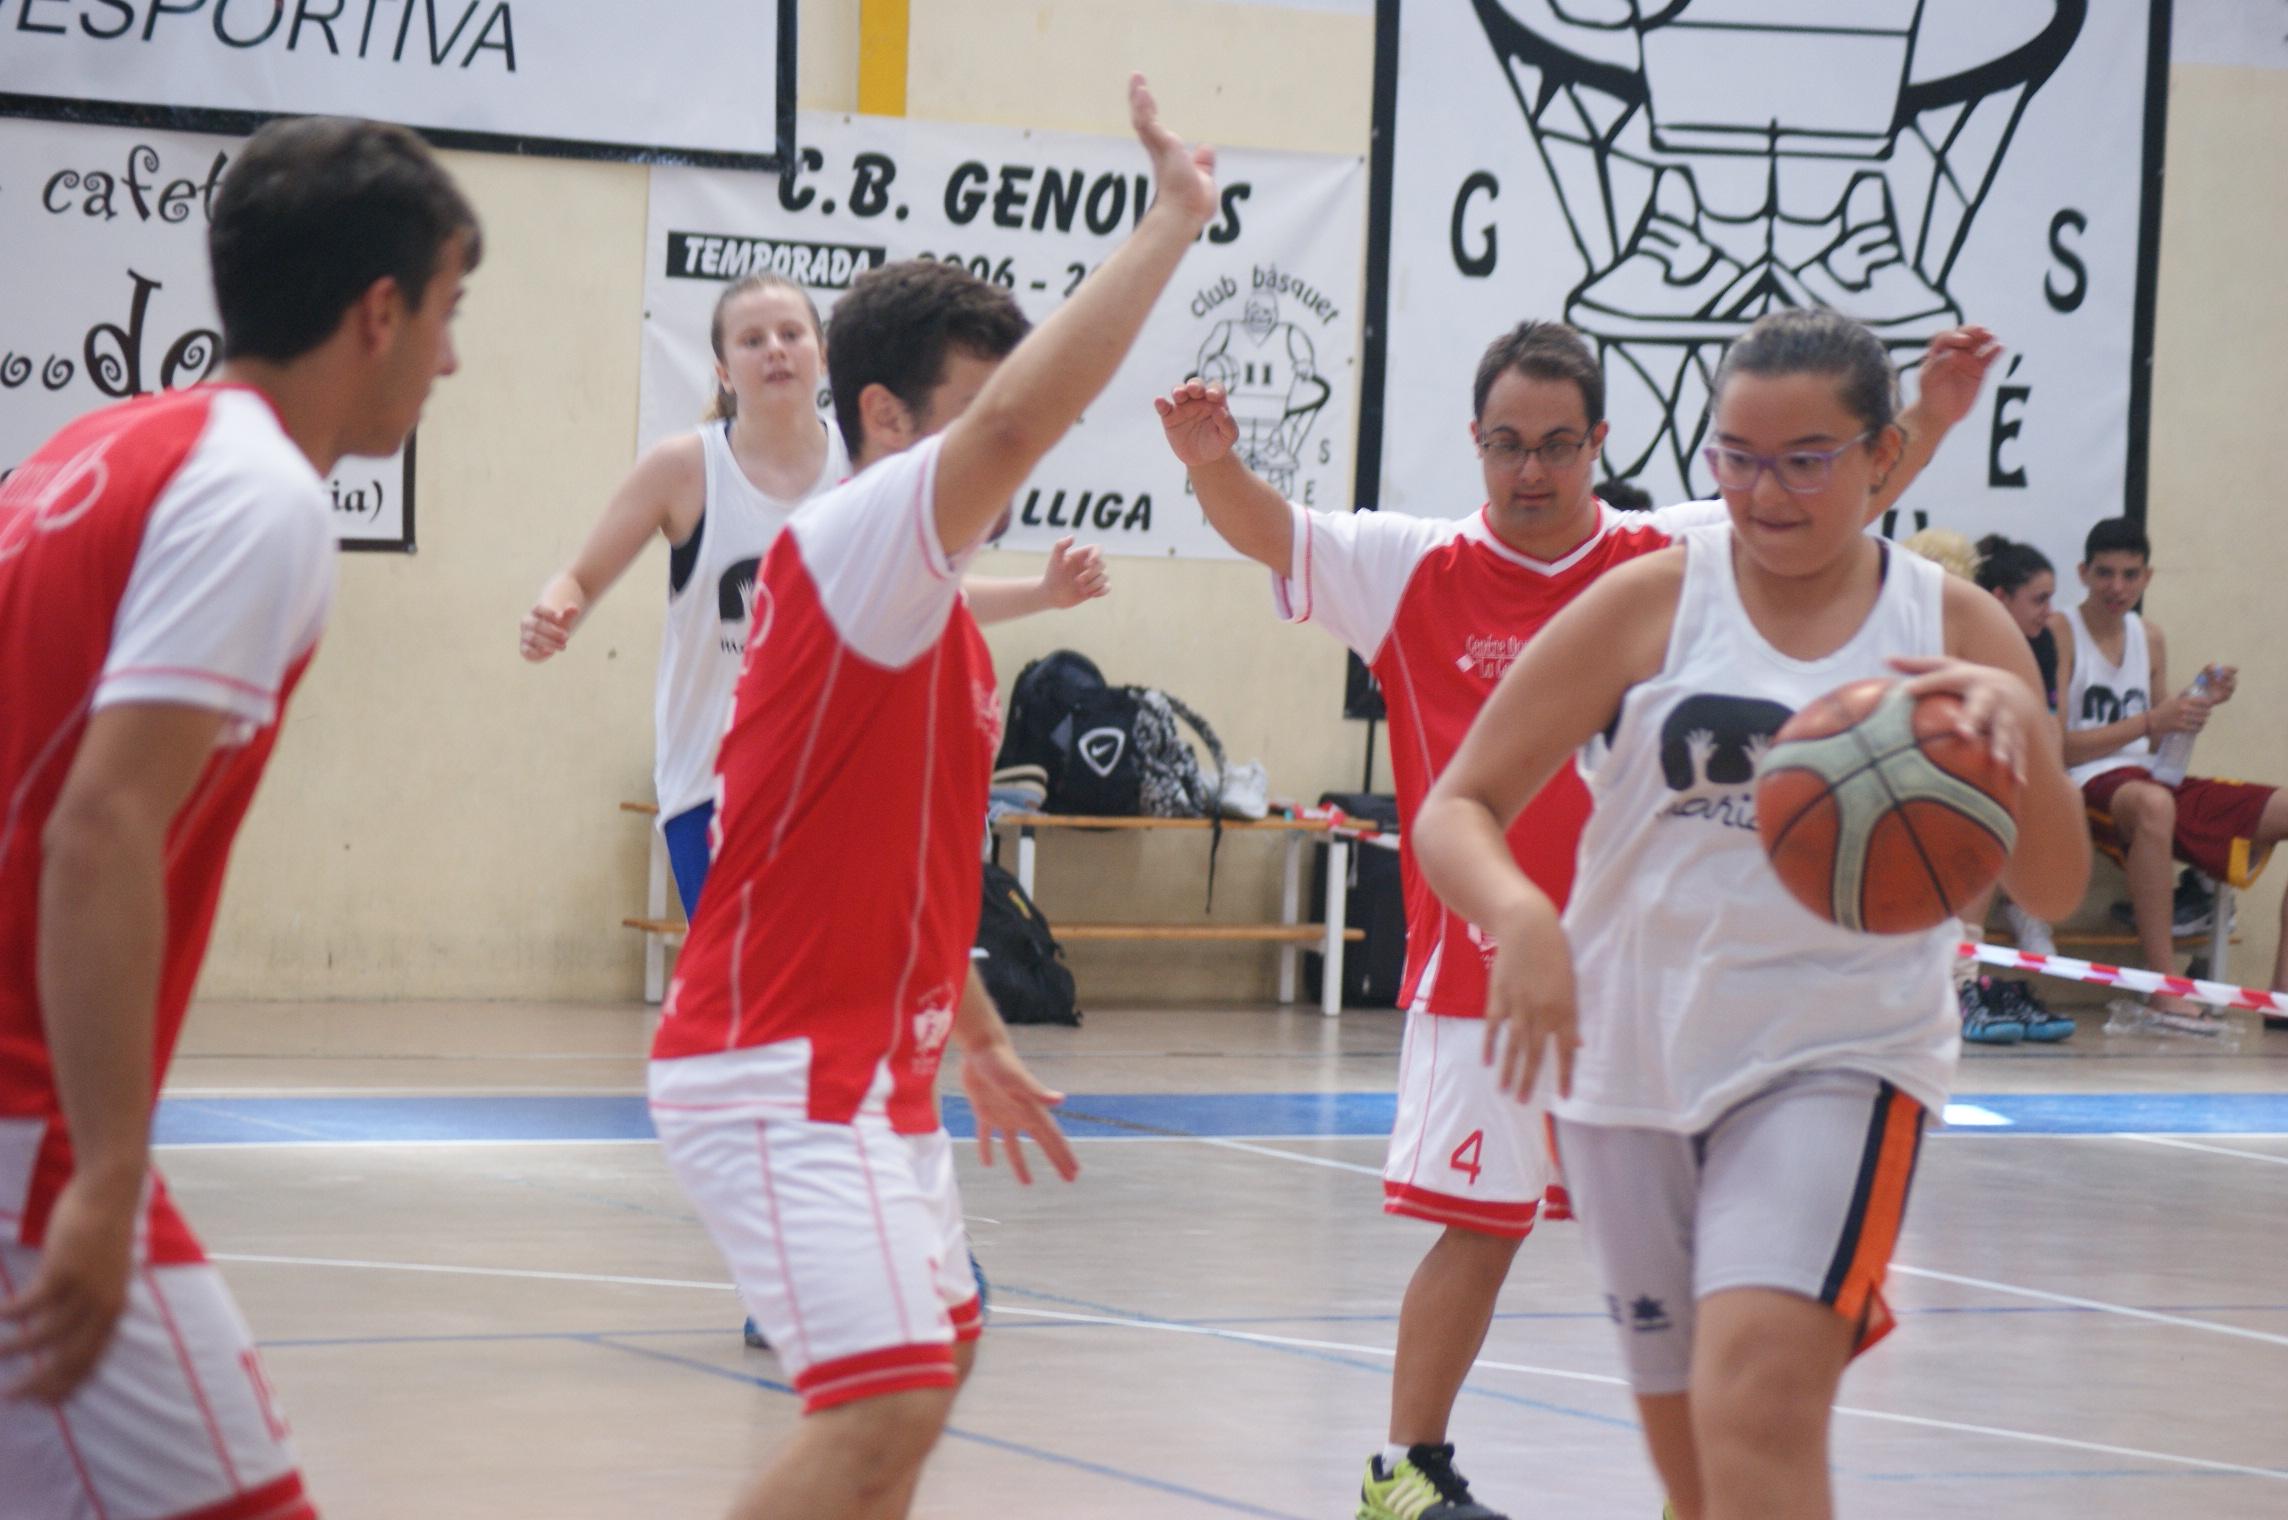 026d51caf9 Partido de baloncesto entre jugadores con y sin diversidad funcional en  Genovés (Valencia)